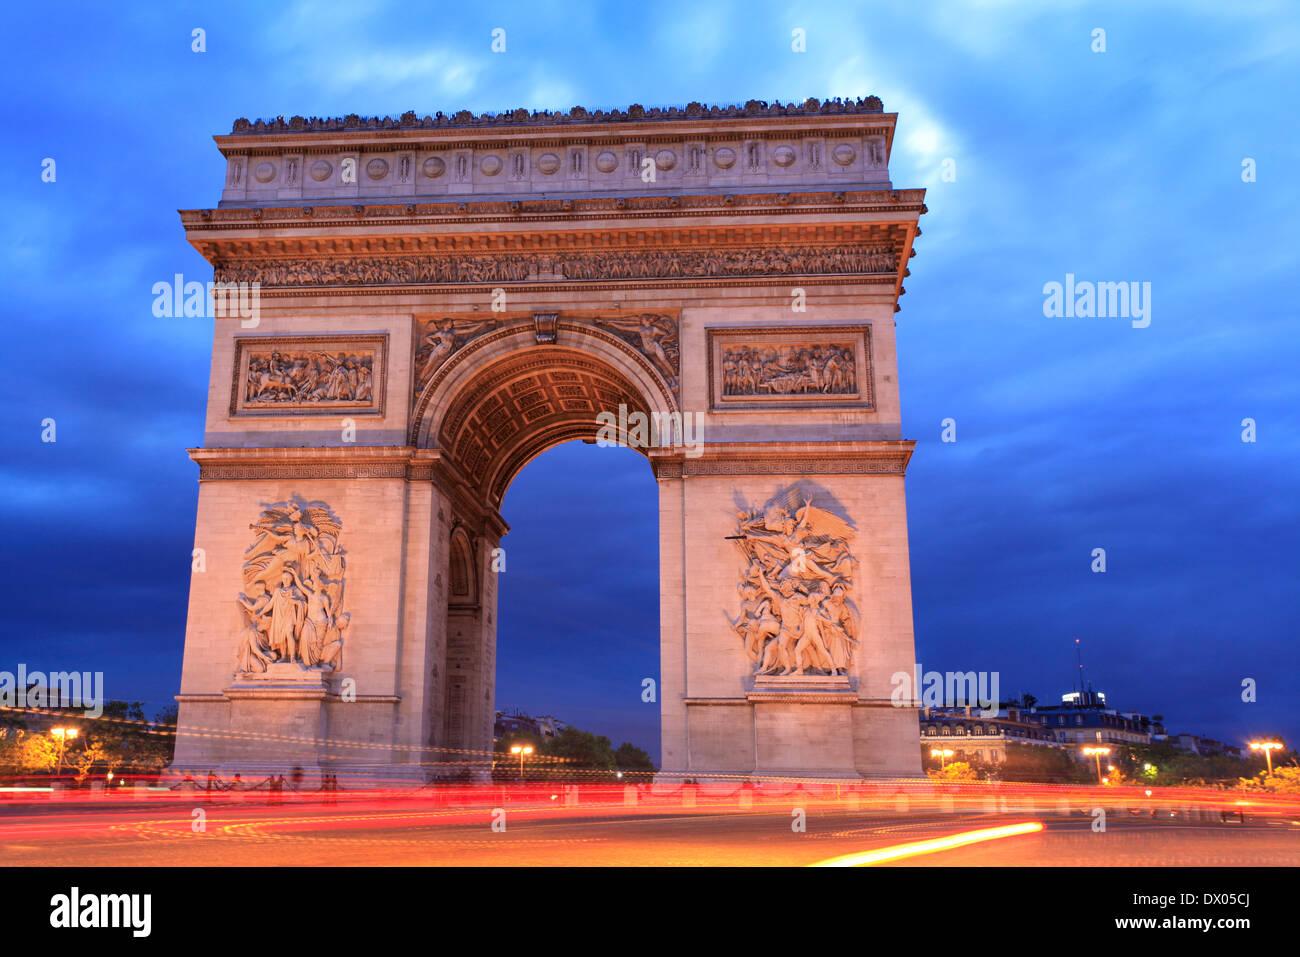 Arc de Triomphe at dusk, Paris, France - Stock Image